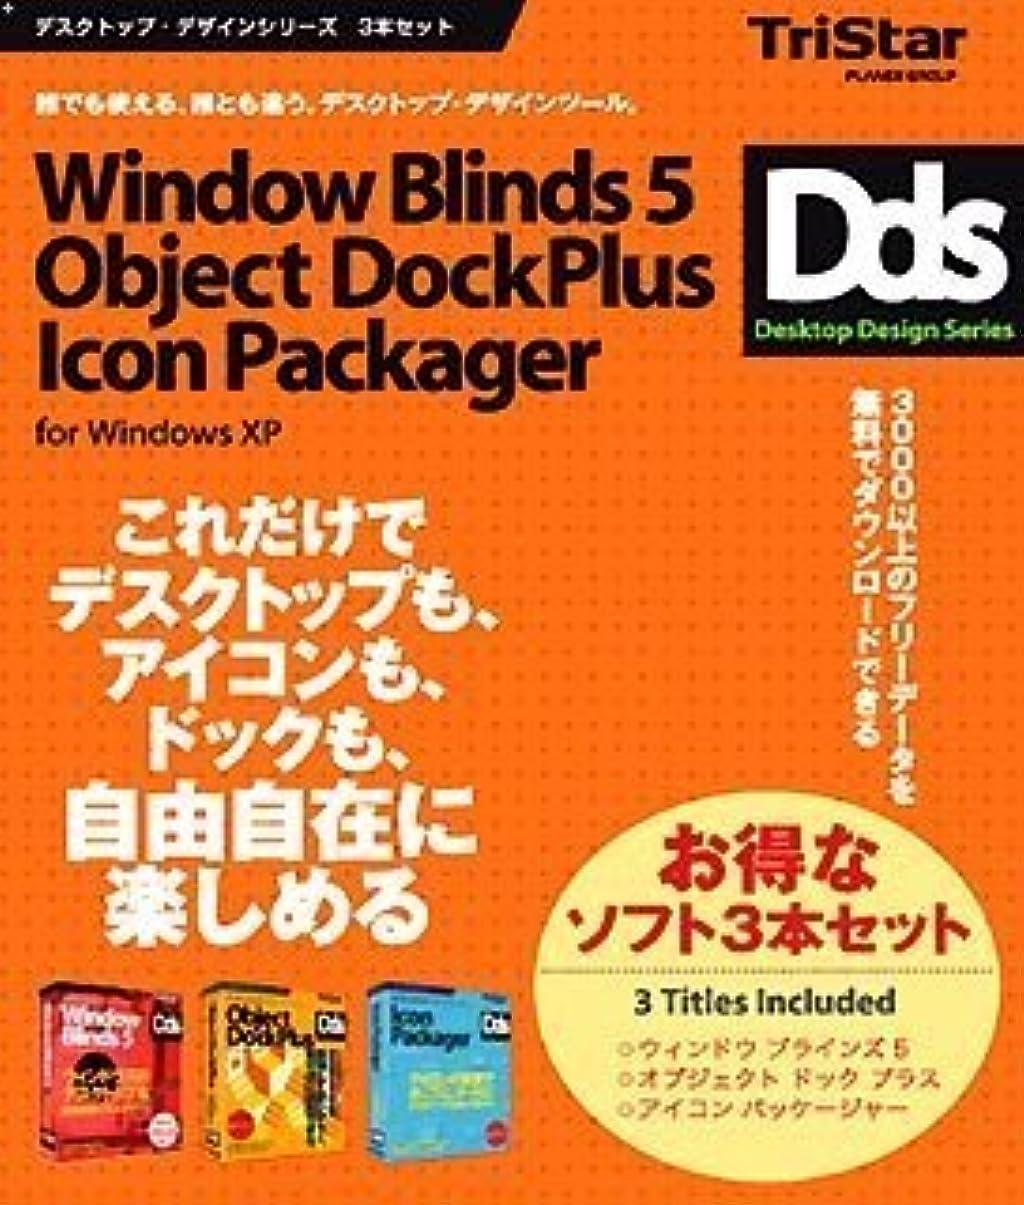 経過航海風刺WindowBlinds5 + ObjectDockPlus + IconPackager 3本セット